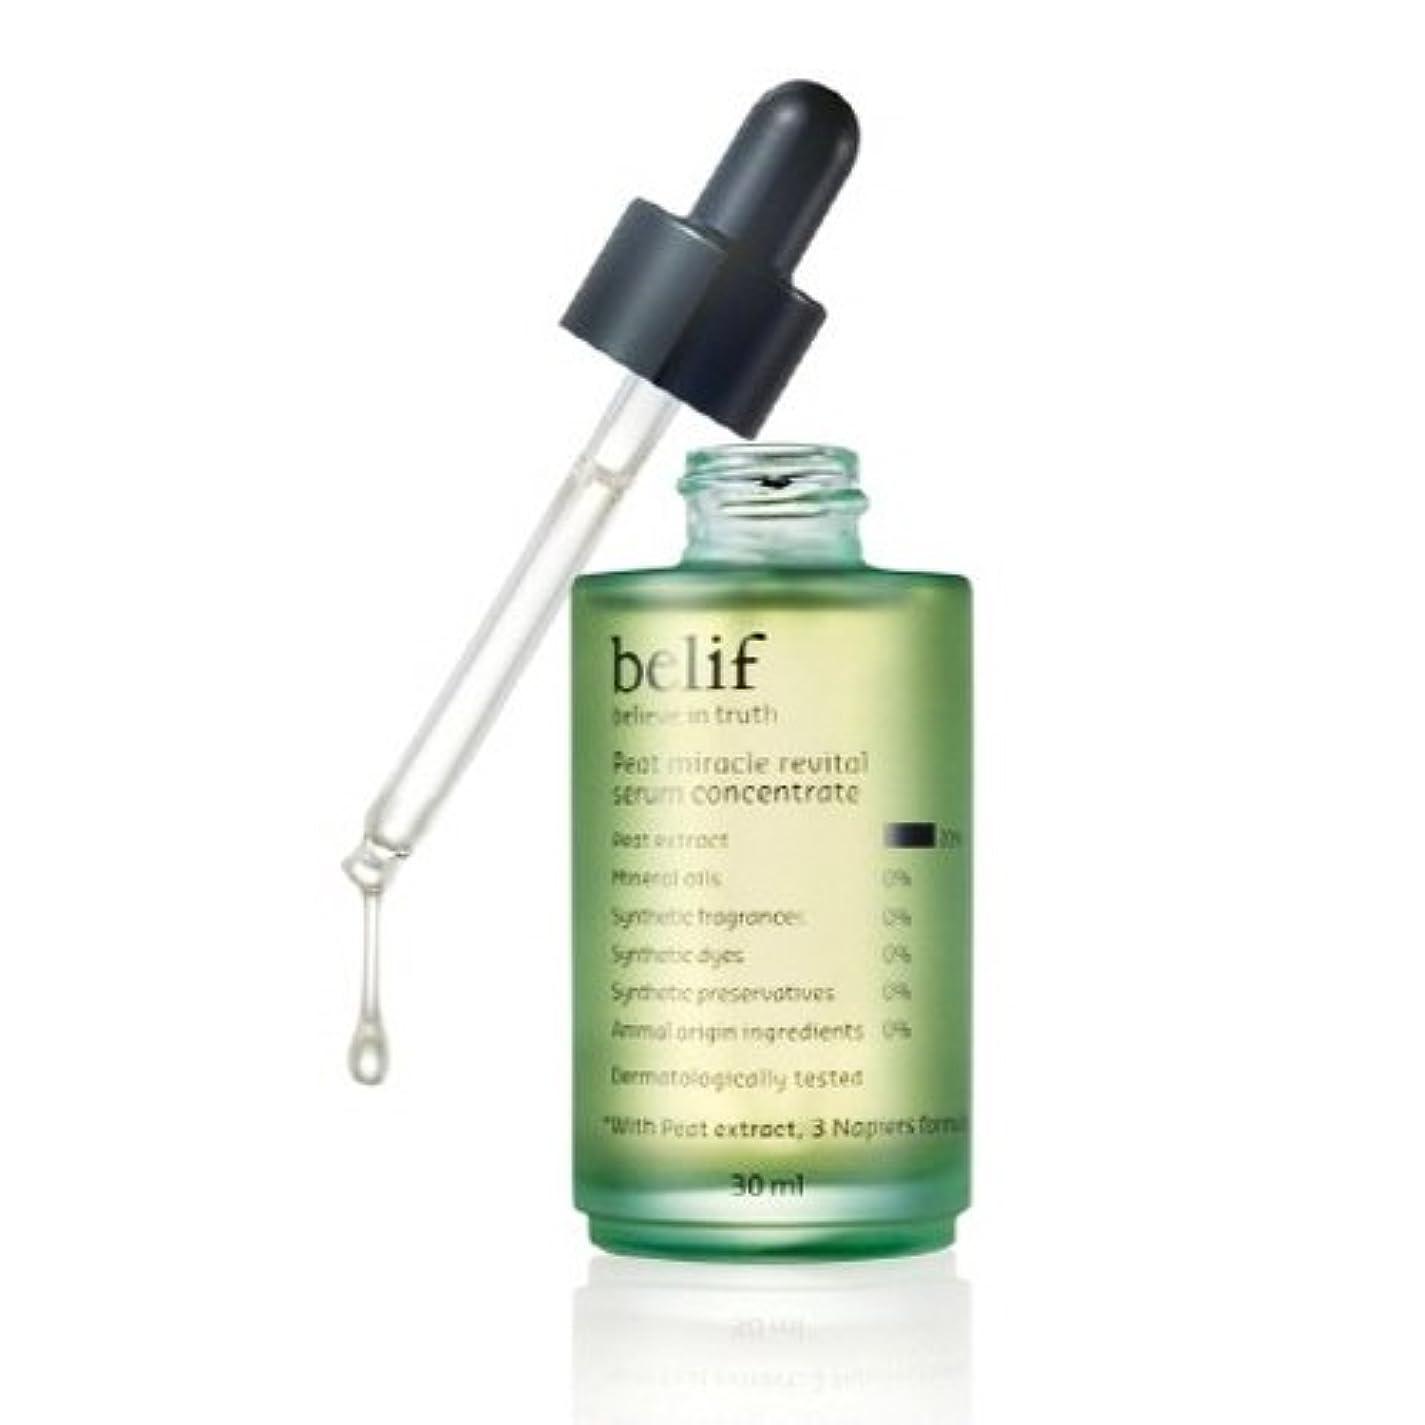 船取るバースBelif(ビリーフ)Peat miracle revital serum concentrate 30ml(ビリーフフィートミラクルリバイタセラムコンセントレイト)シワ改善エッセンス